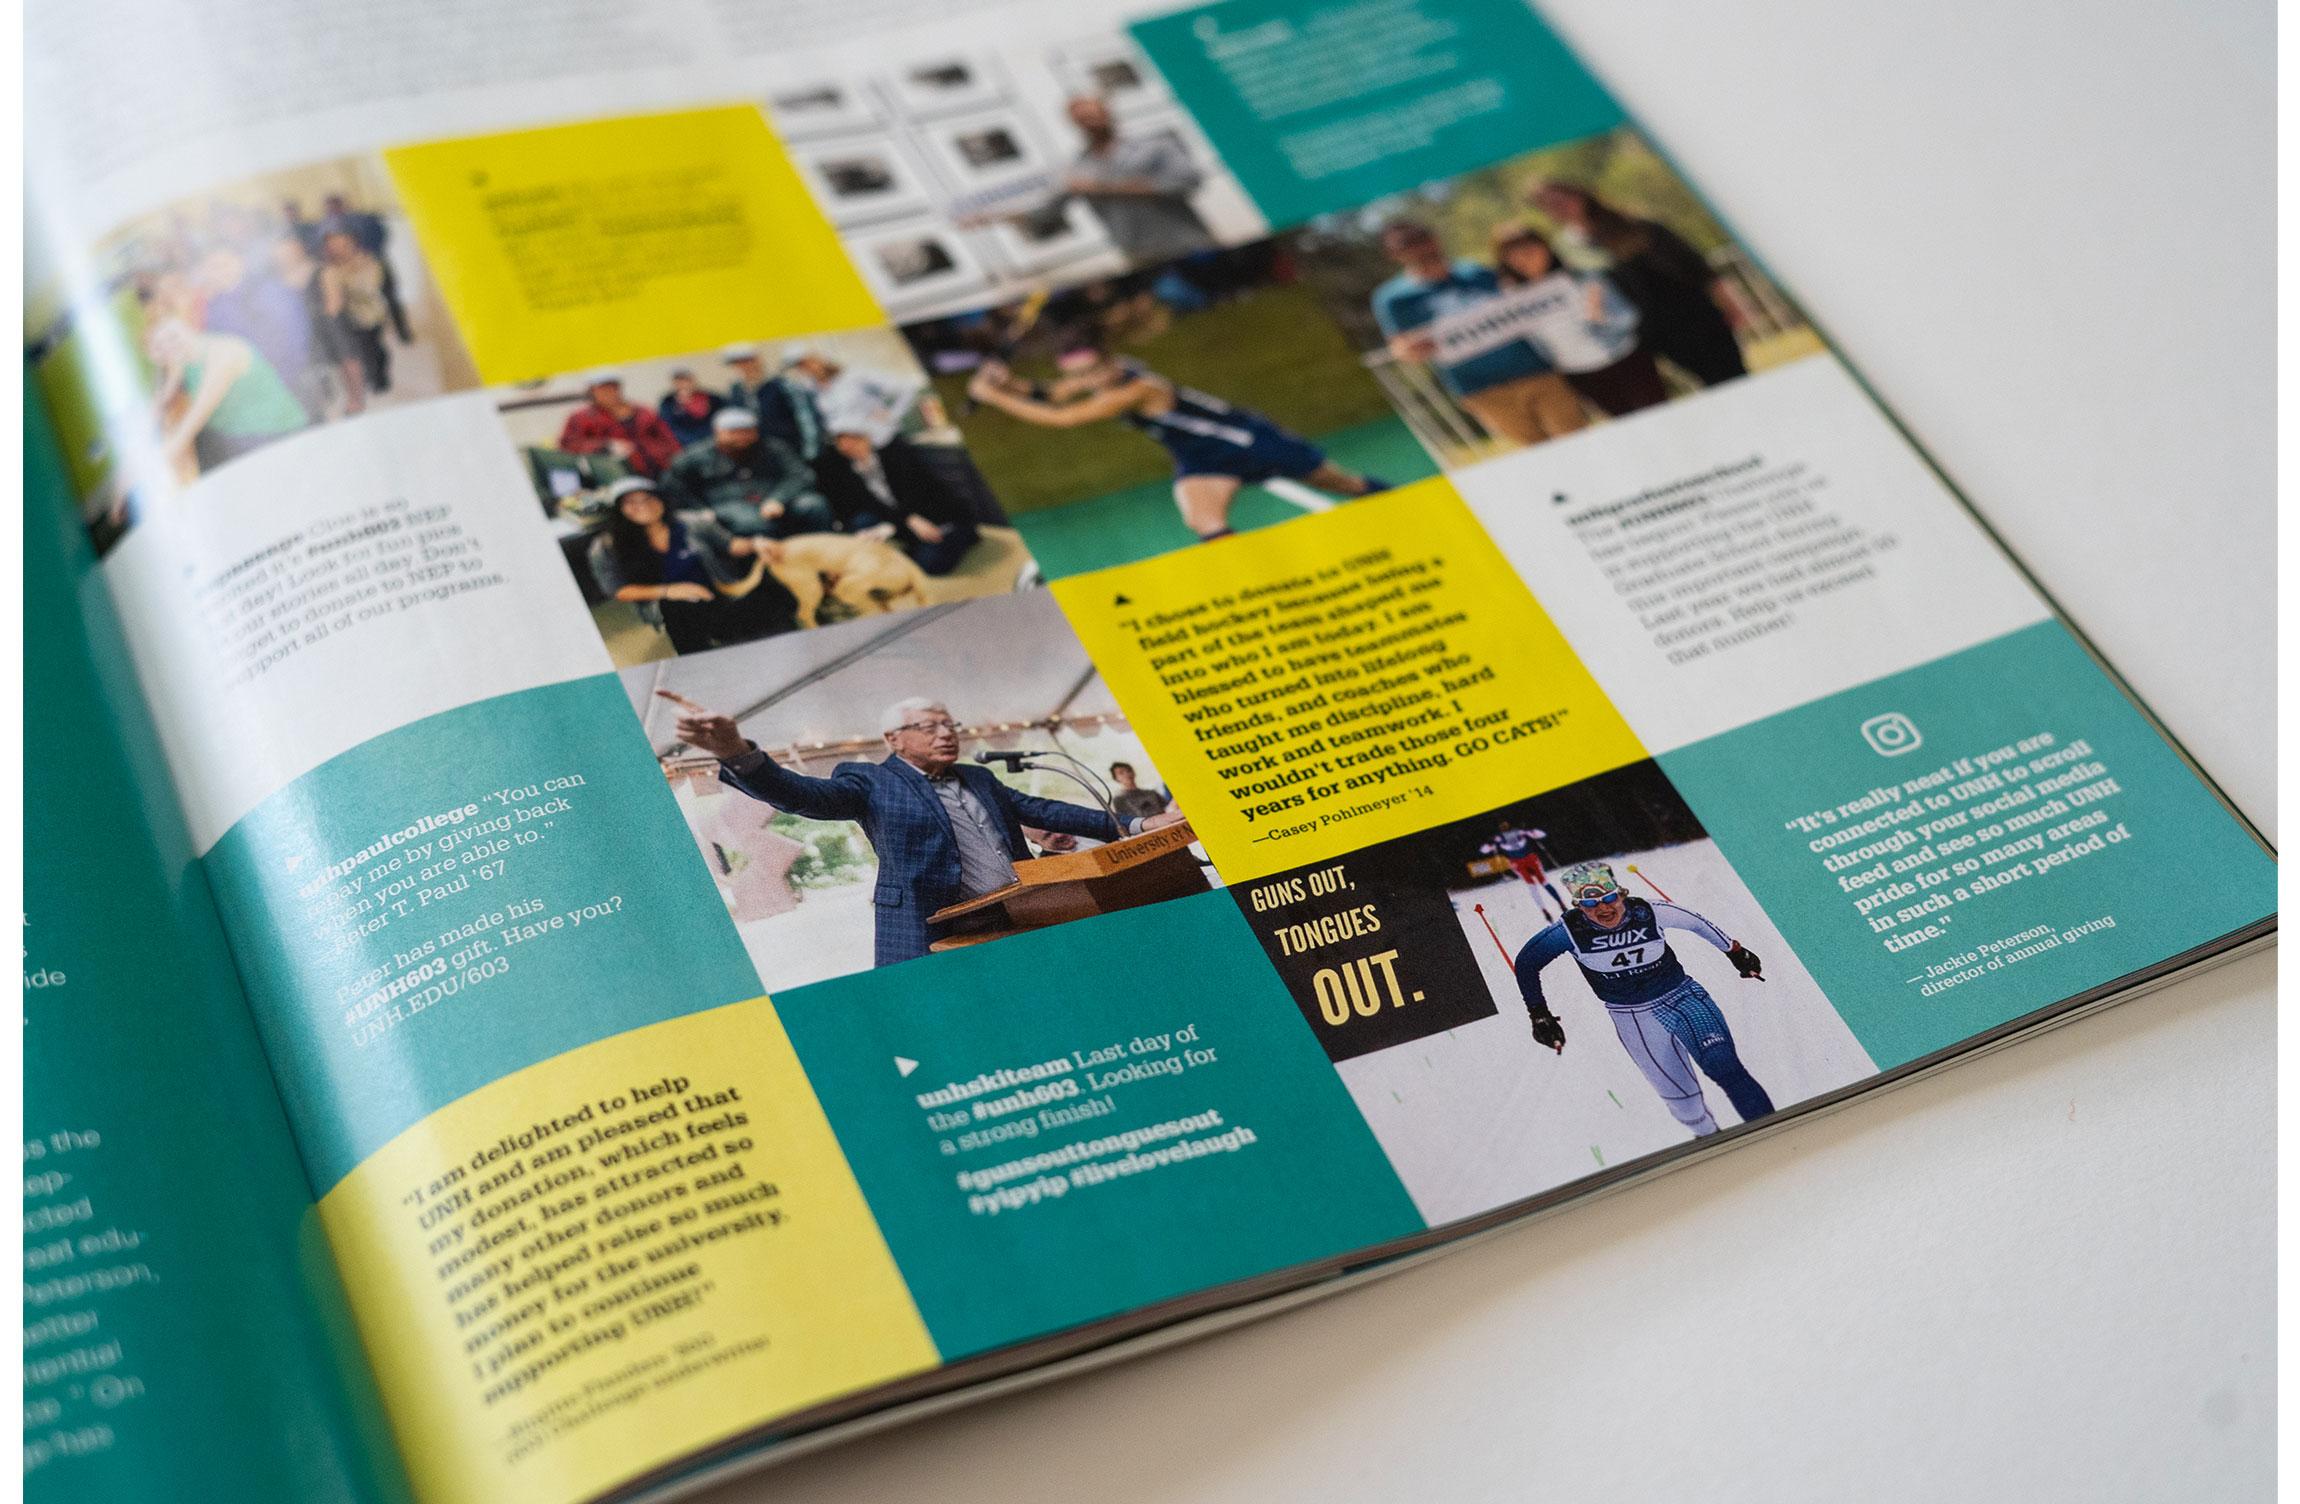 UNH Celebrate 150 Campaign Results Feature Design - 603 Challenge Instagram Spread - Loren Marple